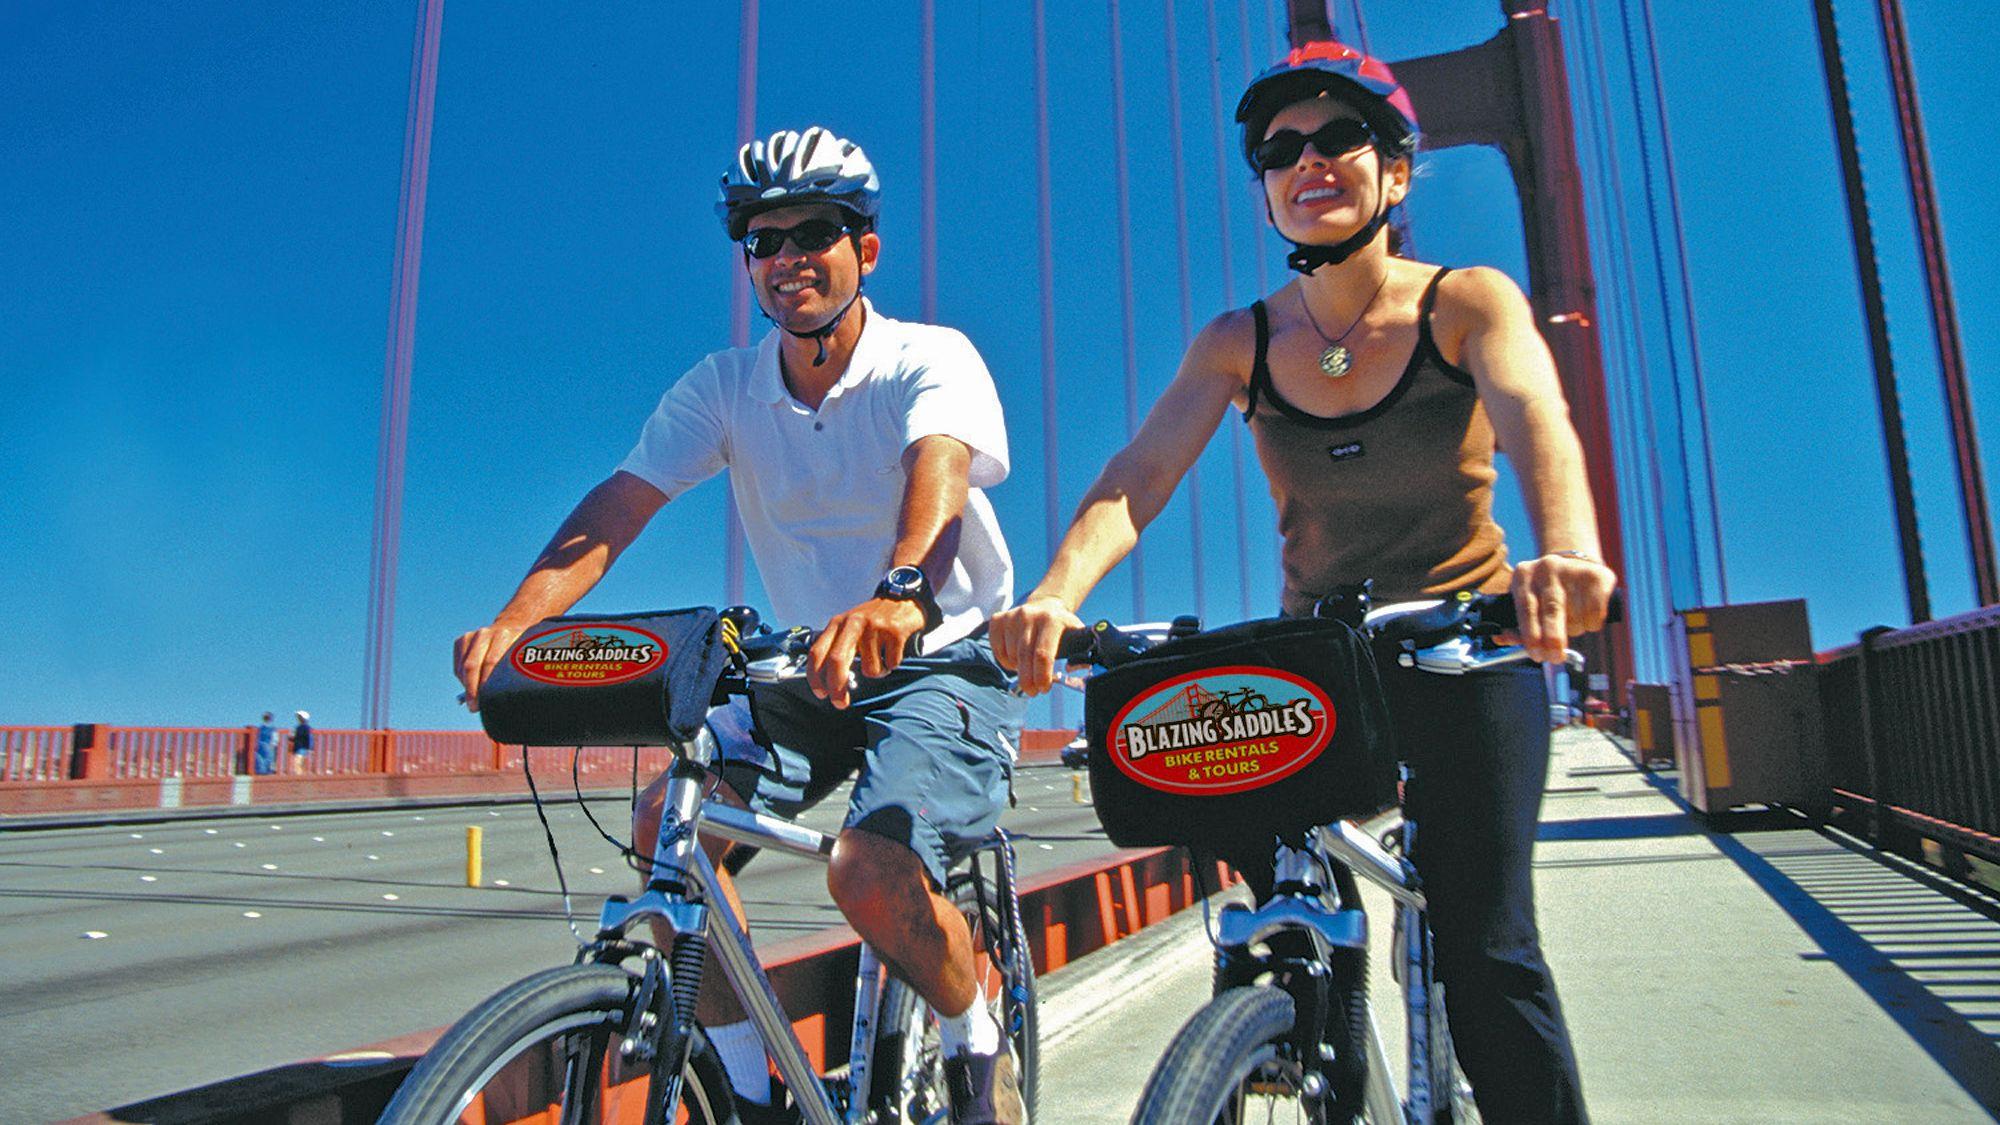 Tour in bicicletta guidato del Golden Gate Bridge